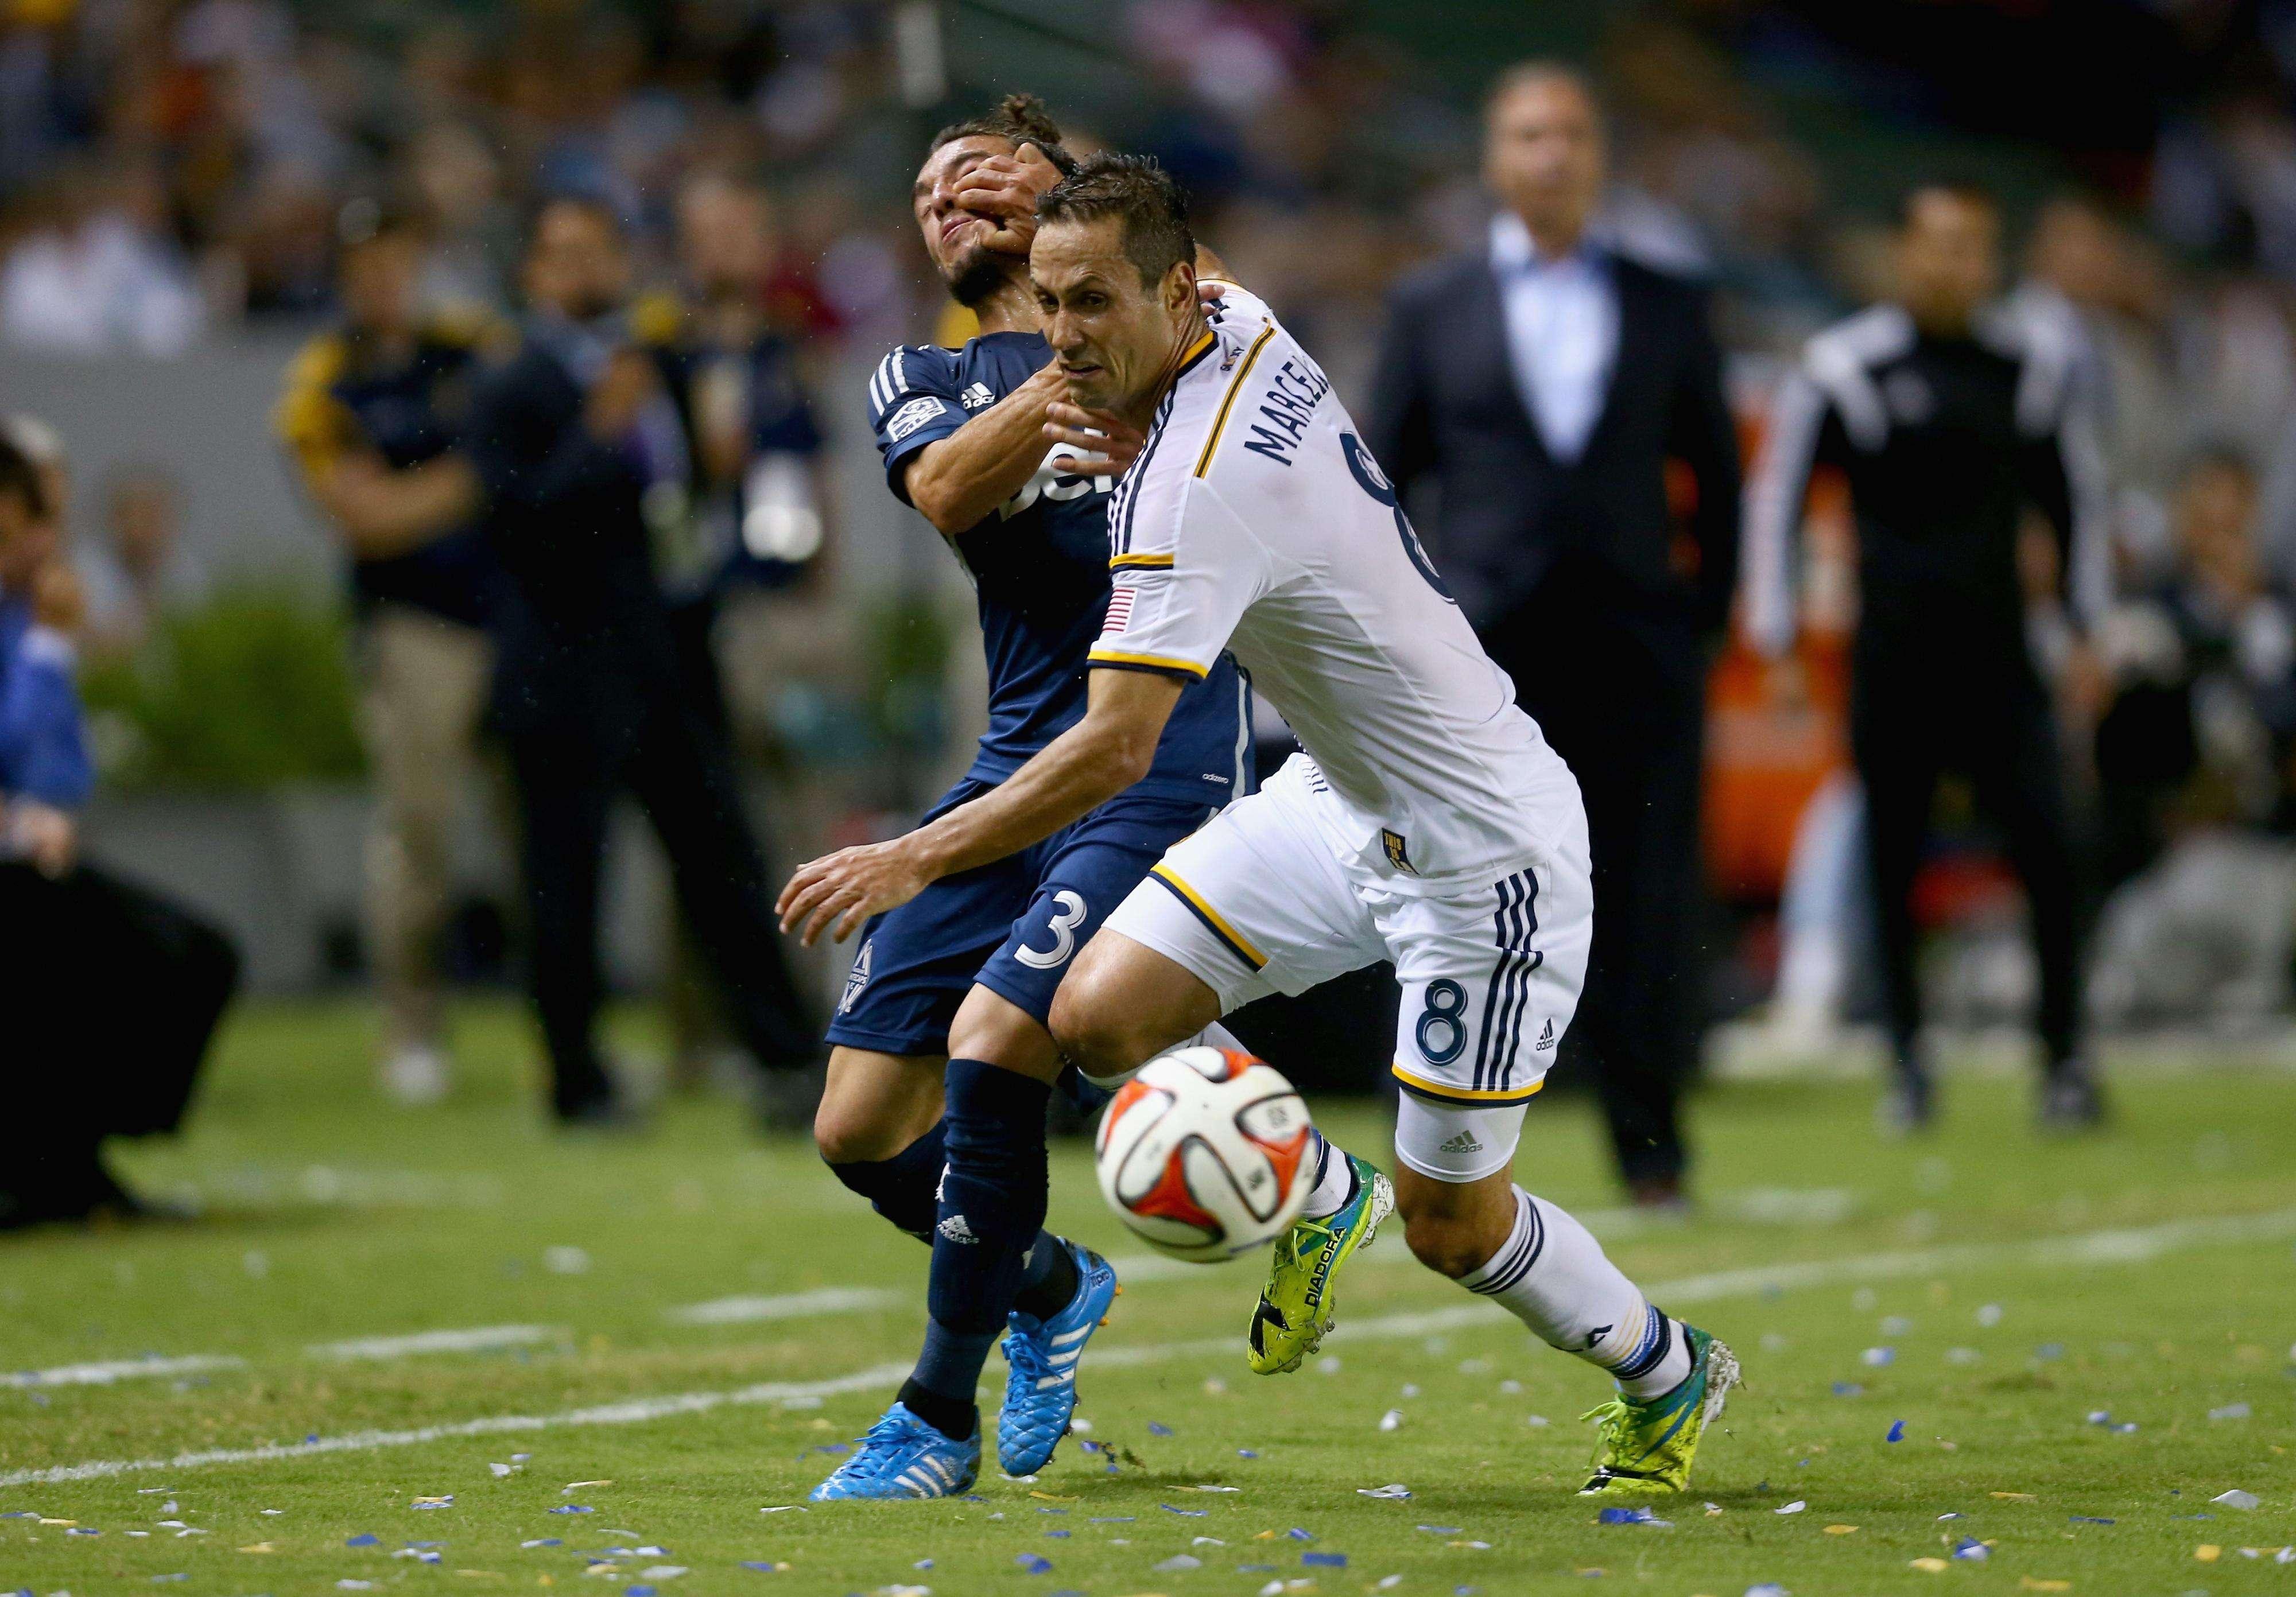 Resumen MLS: Sounders lidera, DC sorprende y Galaxy aprieta